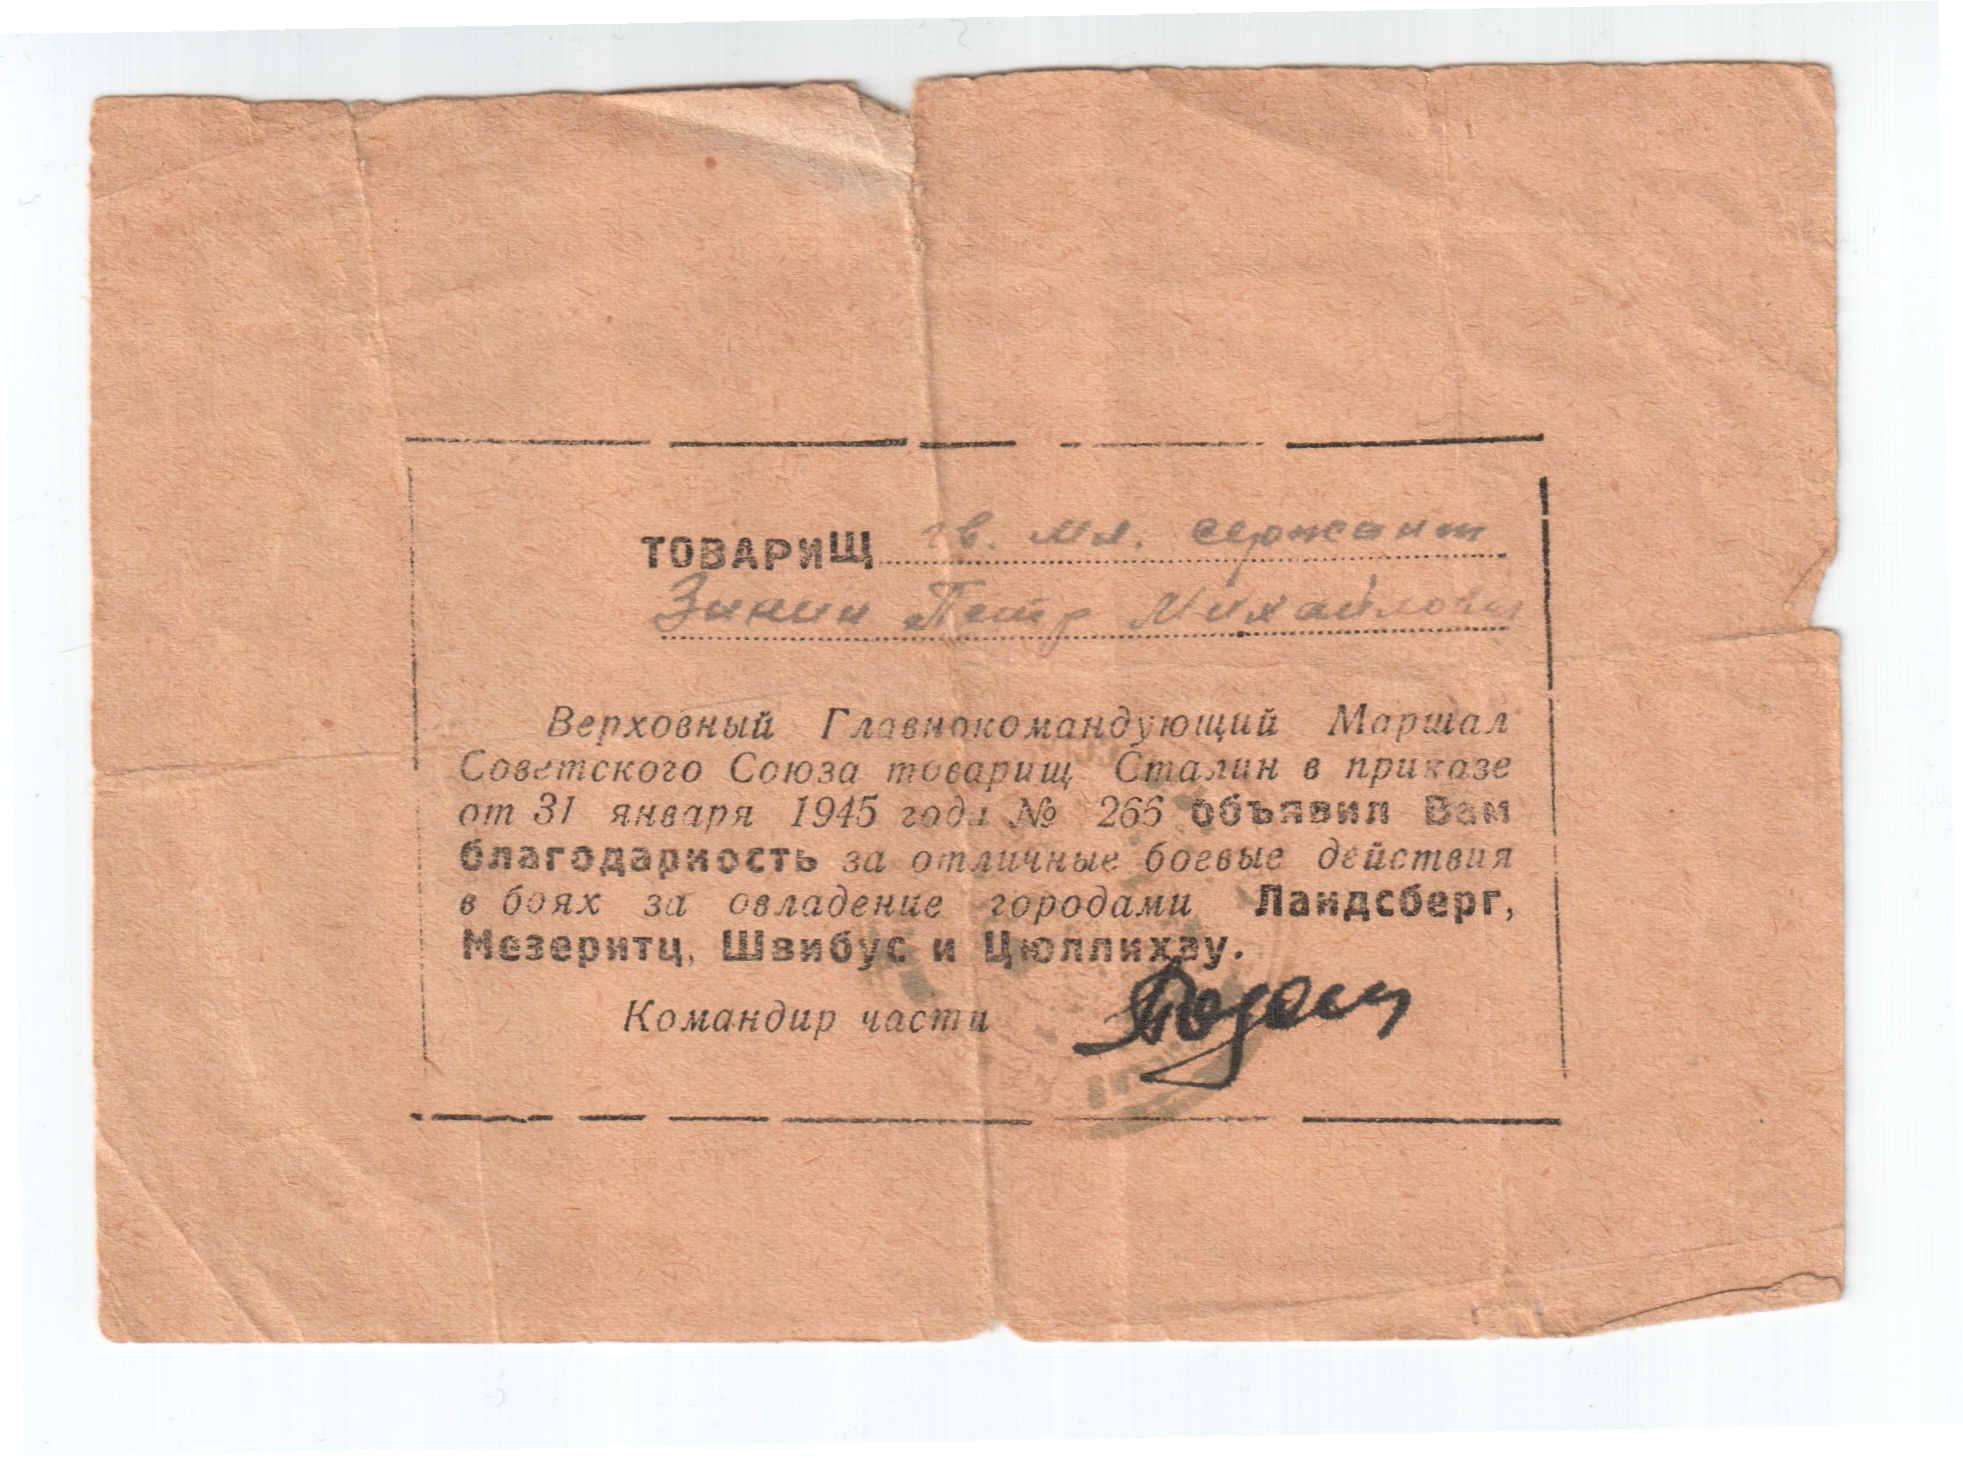 Зинин П.М. Приказ с объявлением благодарности. Из архива Поповой Д.